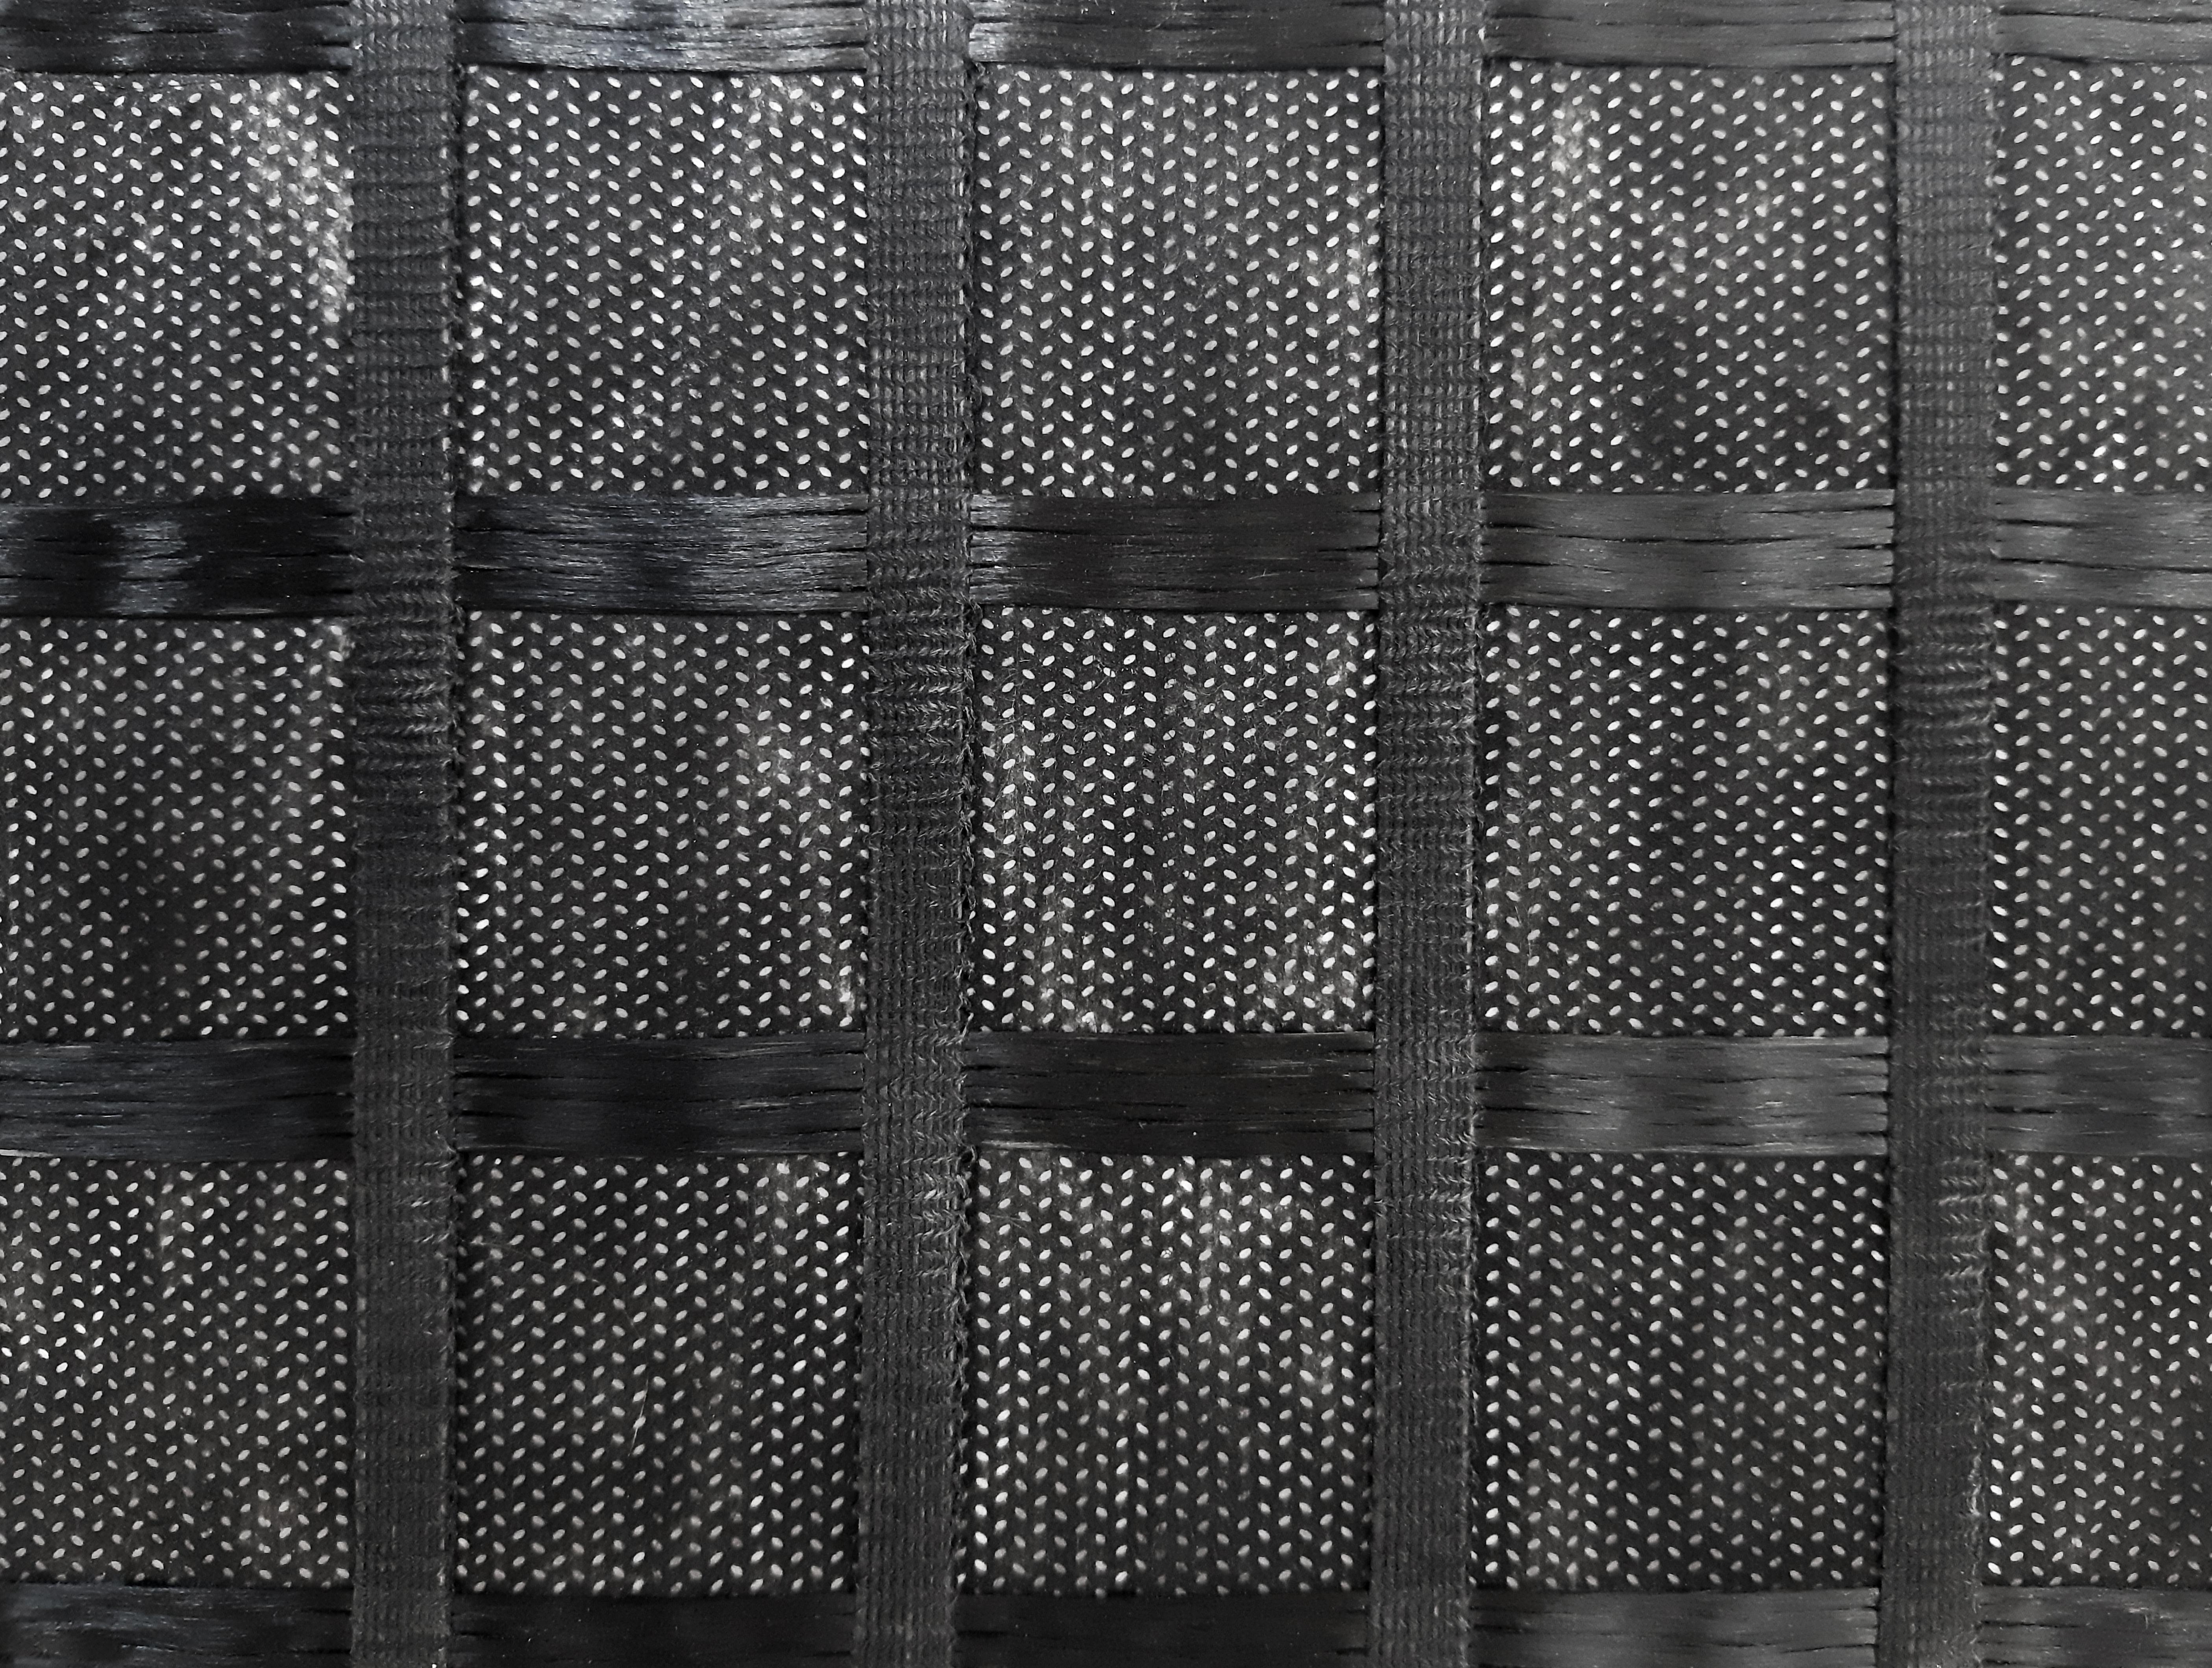 геосинтетический материал изготовленный из высокомодульных синтетических нитей основовязальным способом с последующим покрытием битумным составом